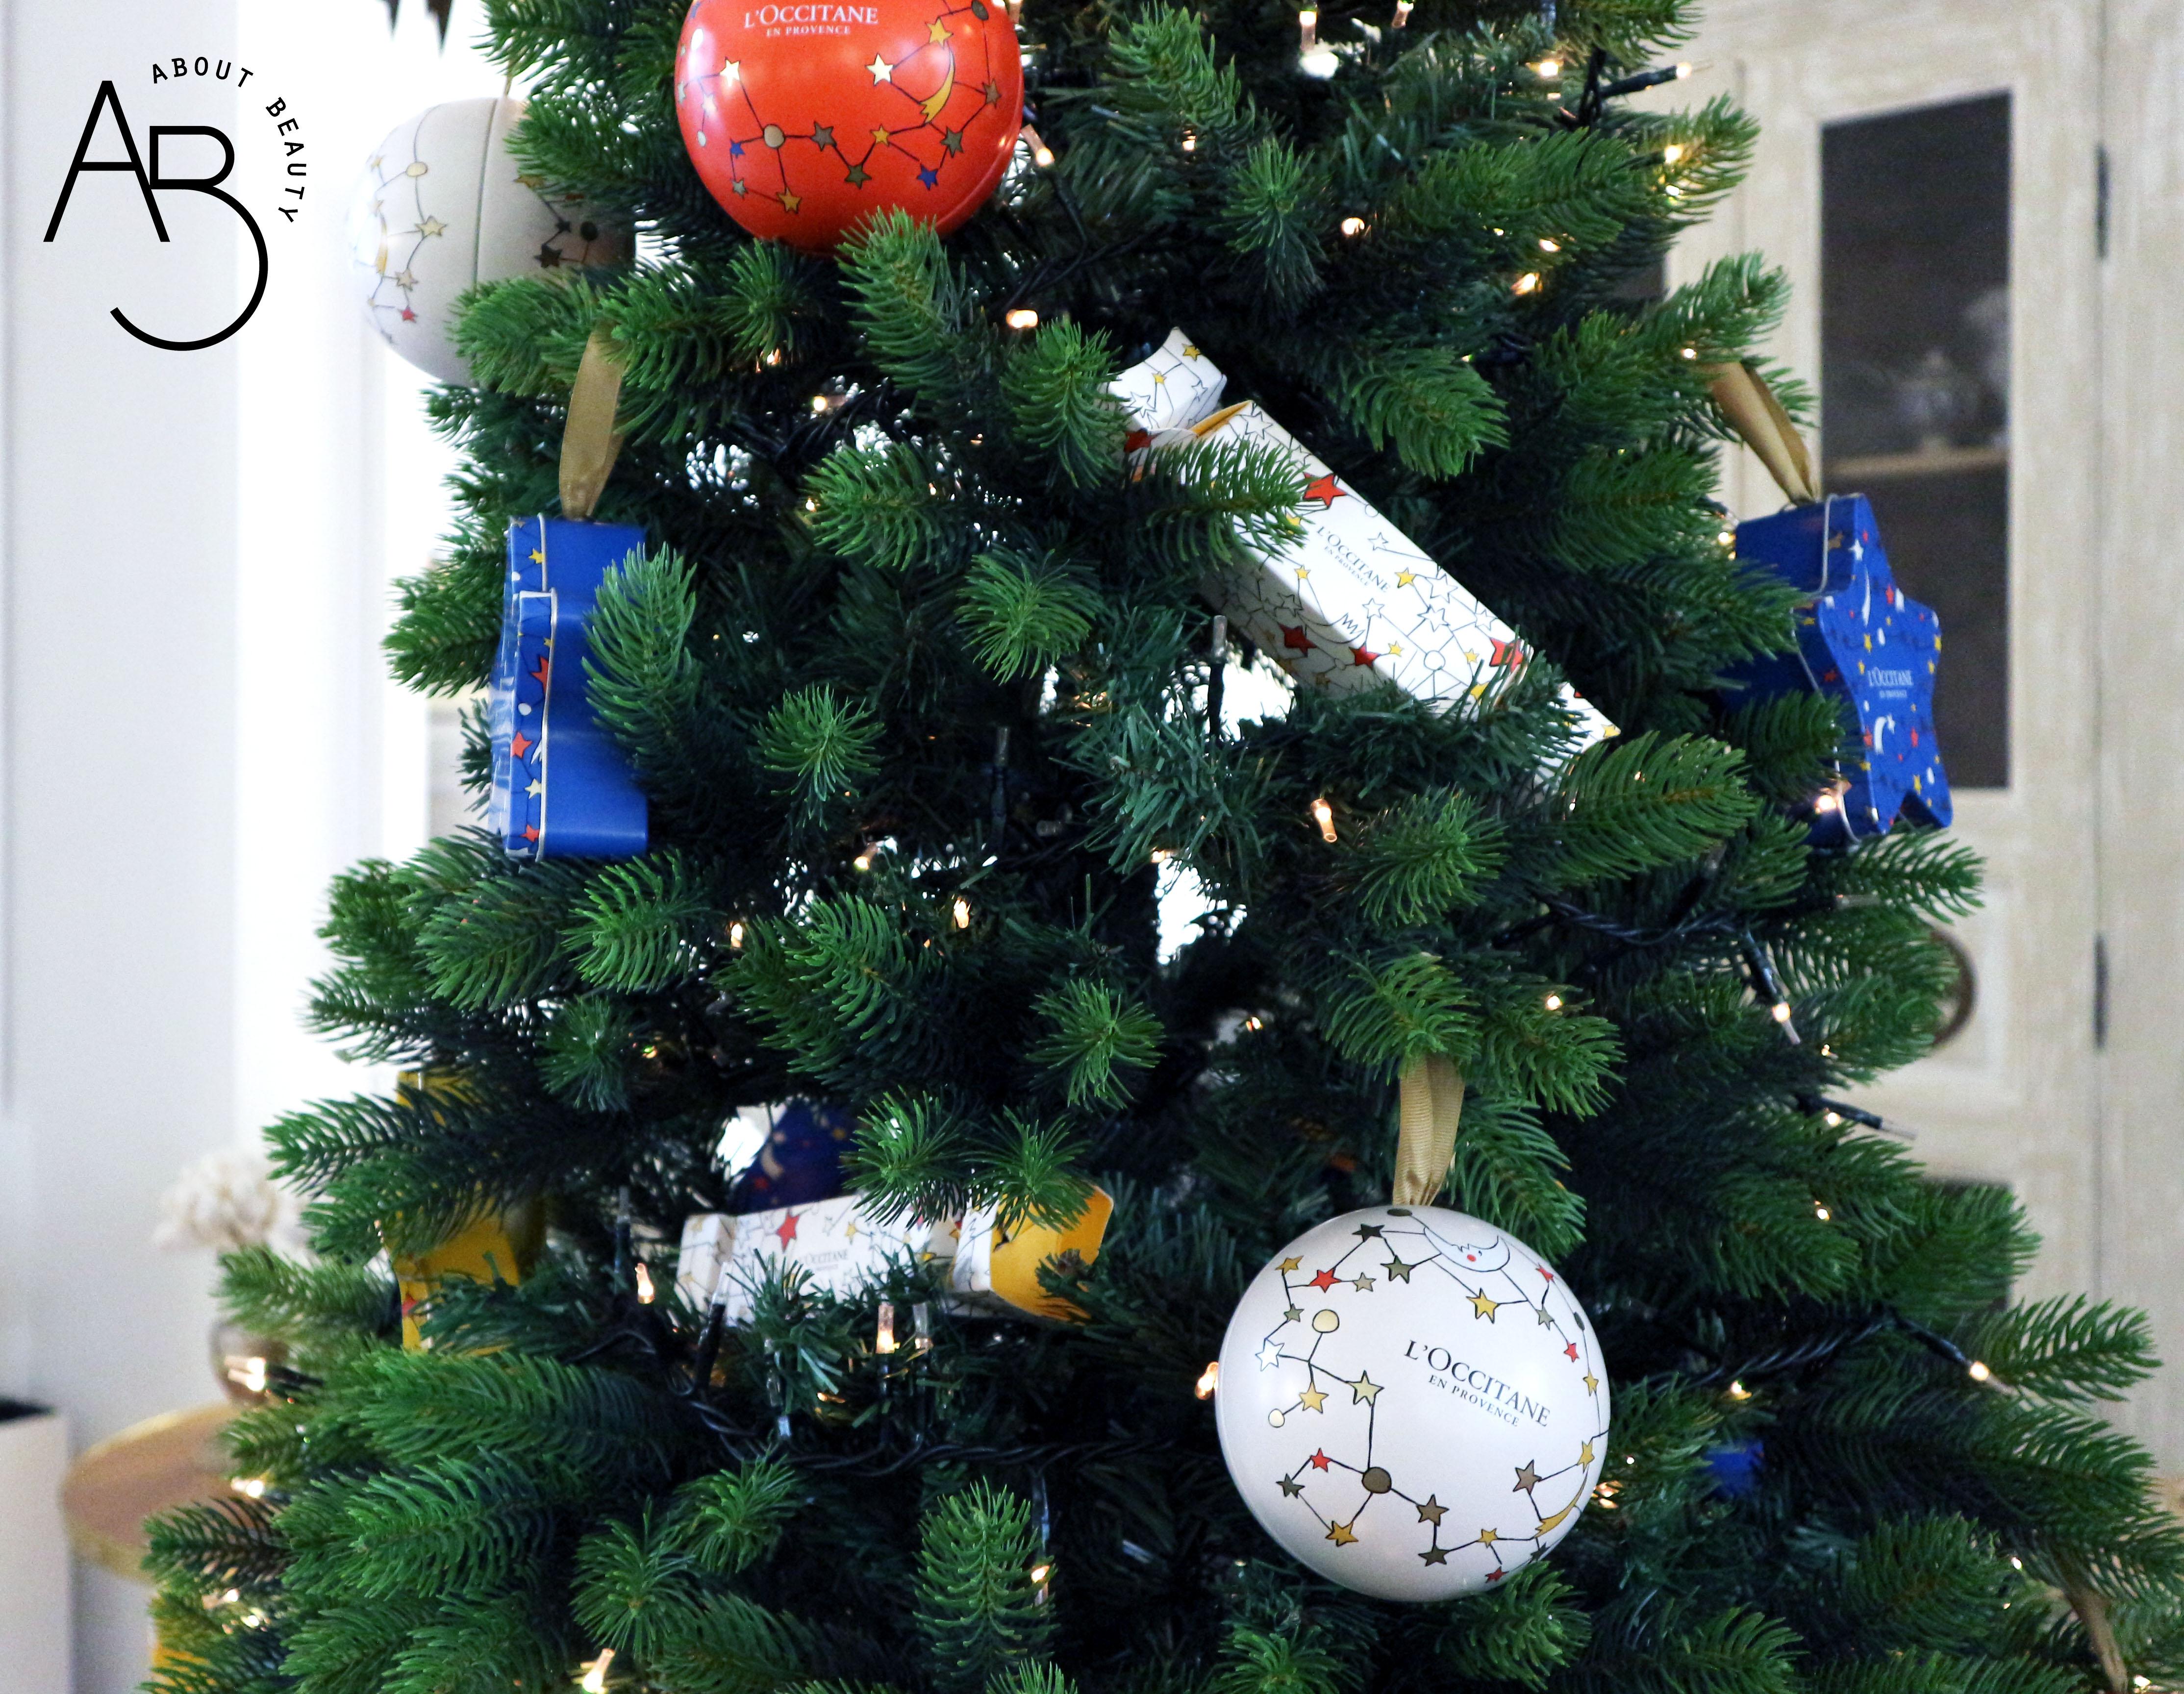 Tutte le novità Natale 2018 di L'Occitane - Cofanetti, calendari dell'avvento, idee regalo, linee corpo, profumi